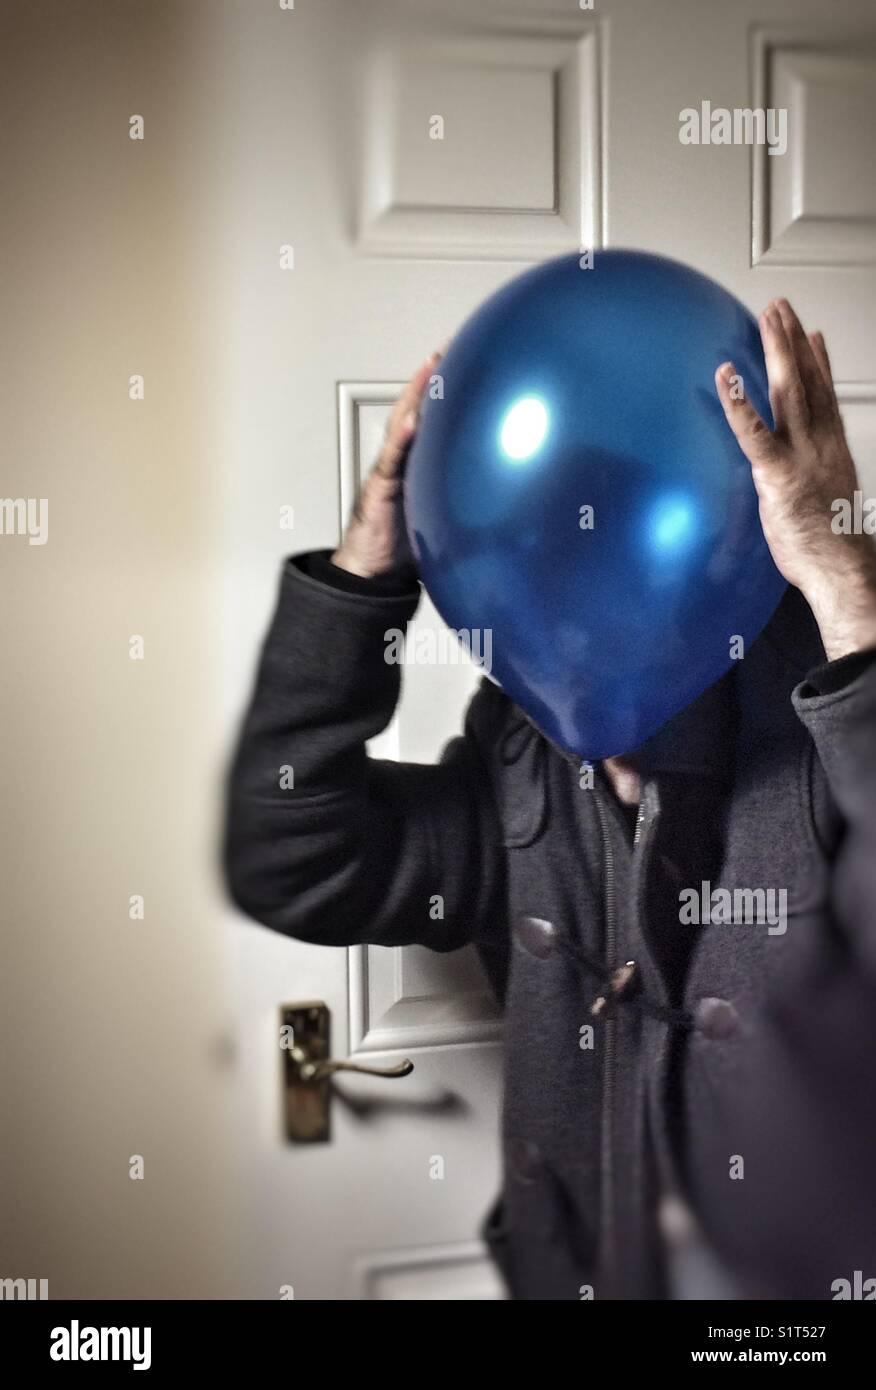 Señor azul/baloon cefalea entramos en la habitación Imagen De Stock